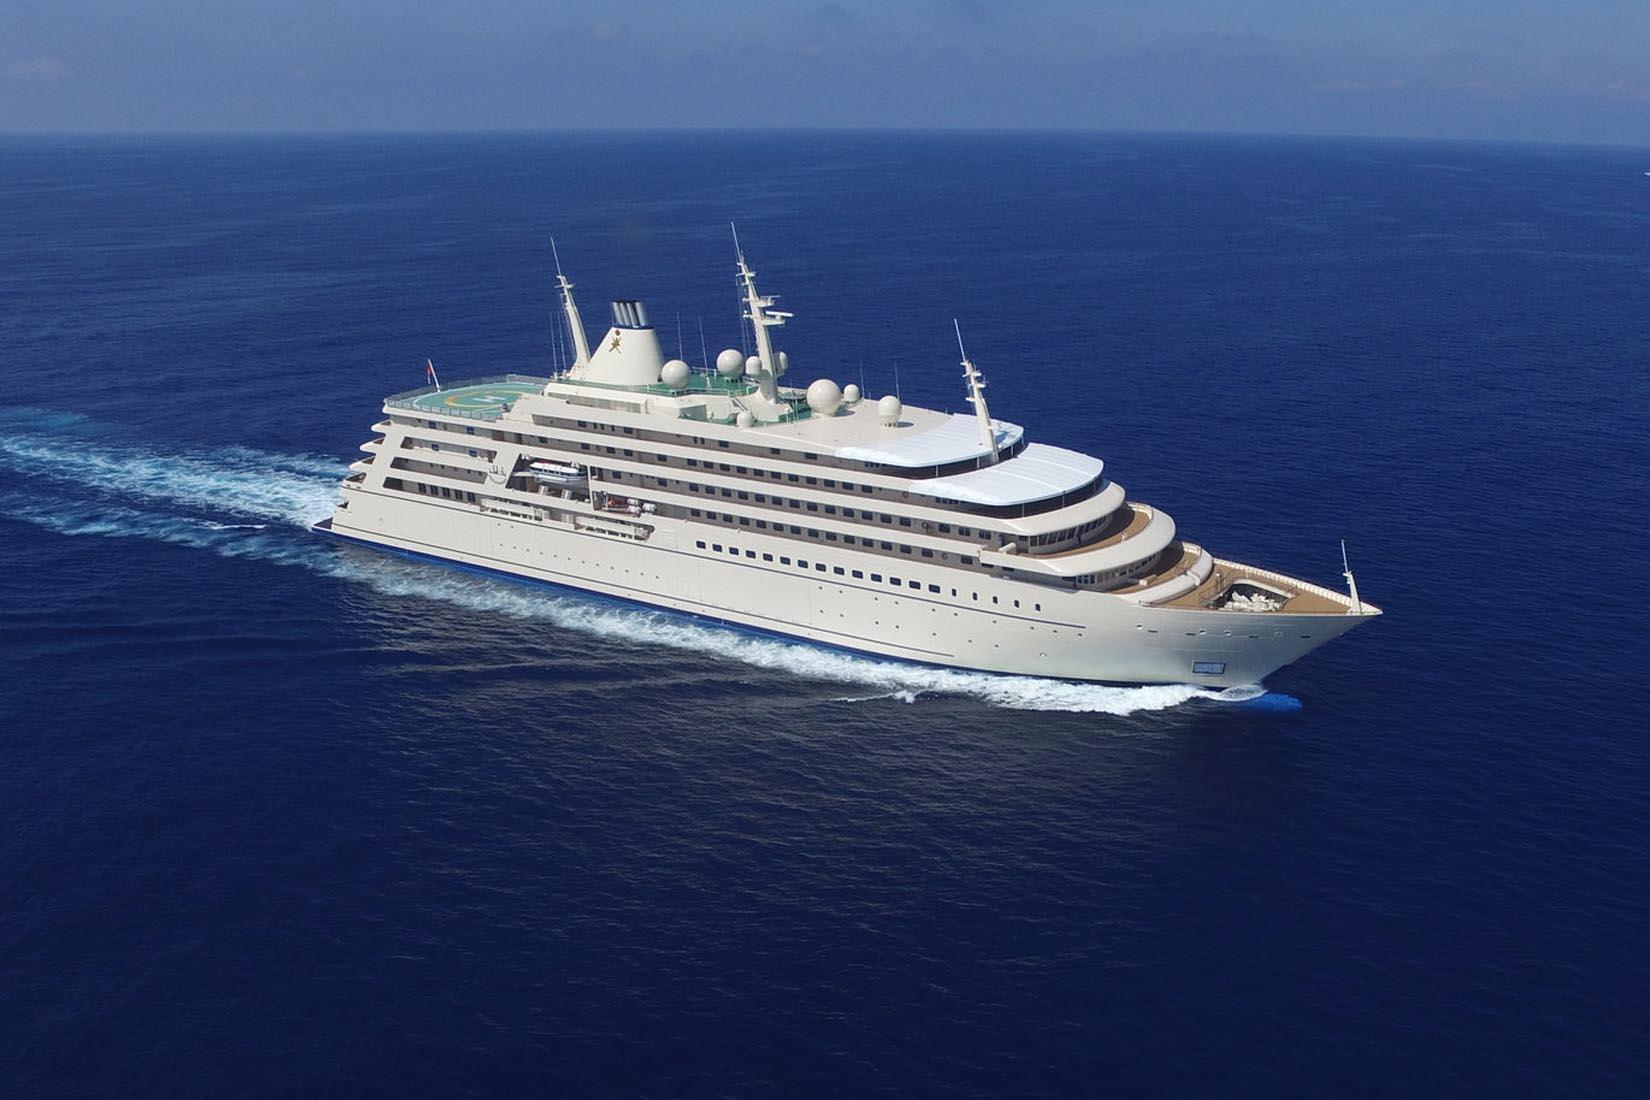 largest yacht al salamah review Luxe Digital